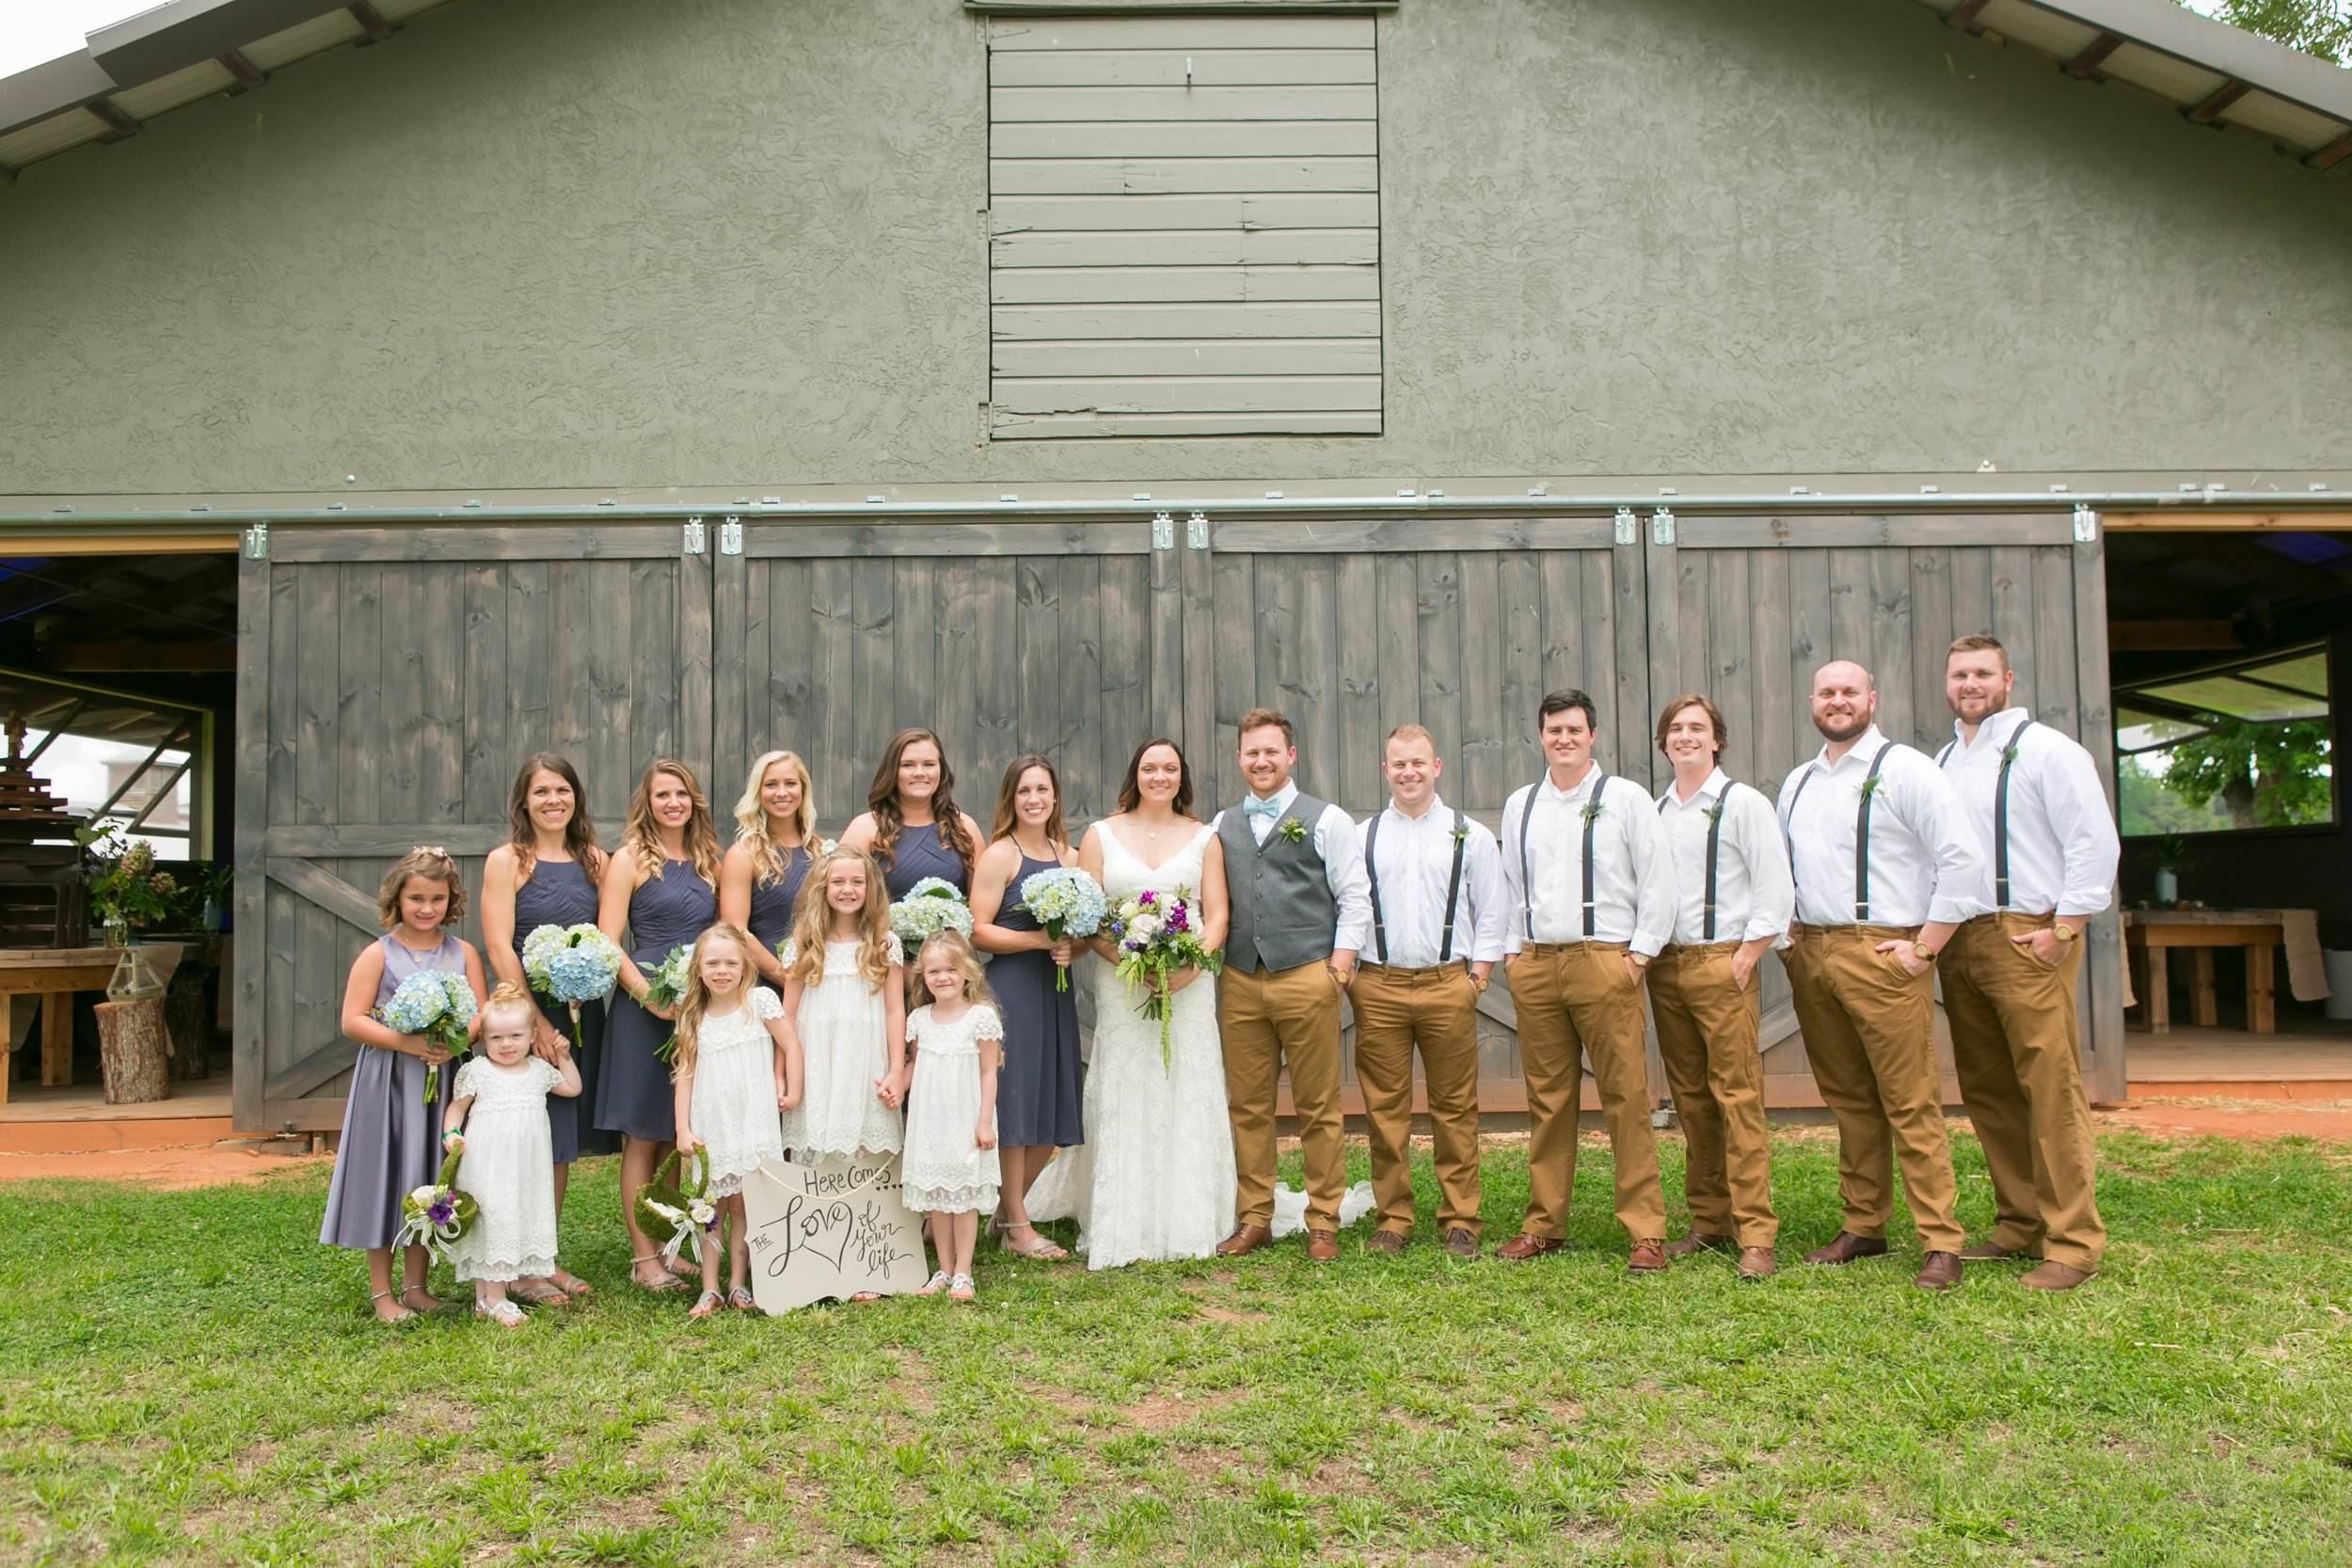 Abby-Manor-Events-Wedding-Photos47.jpg